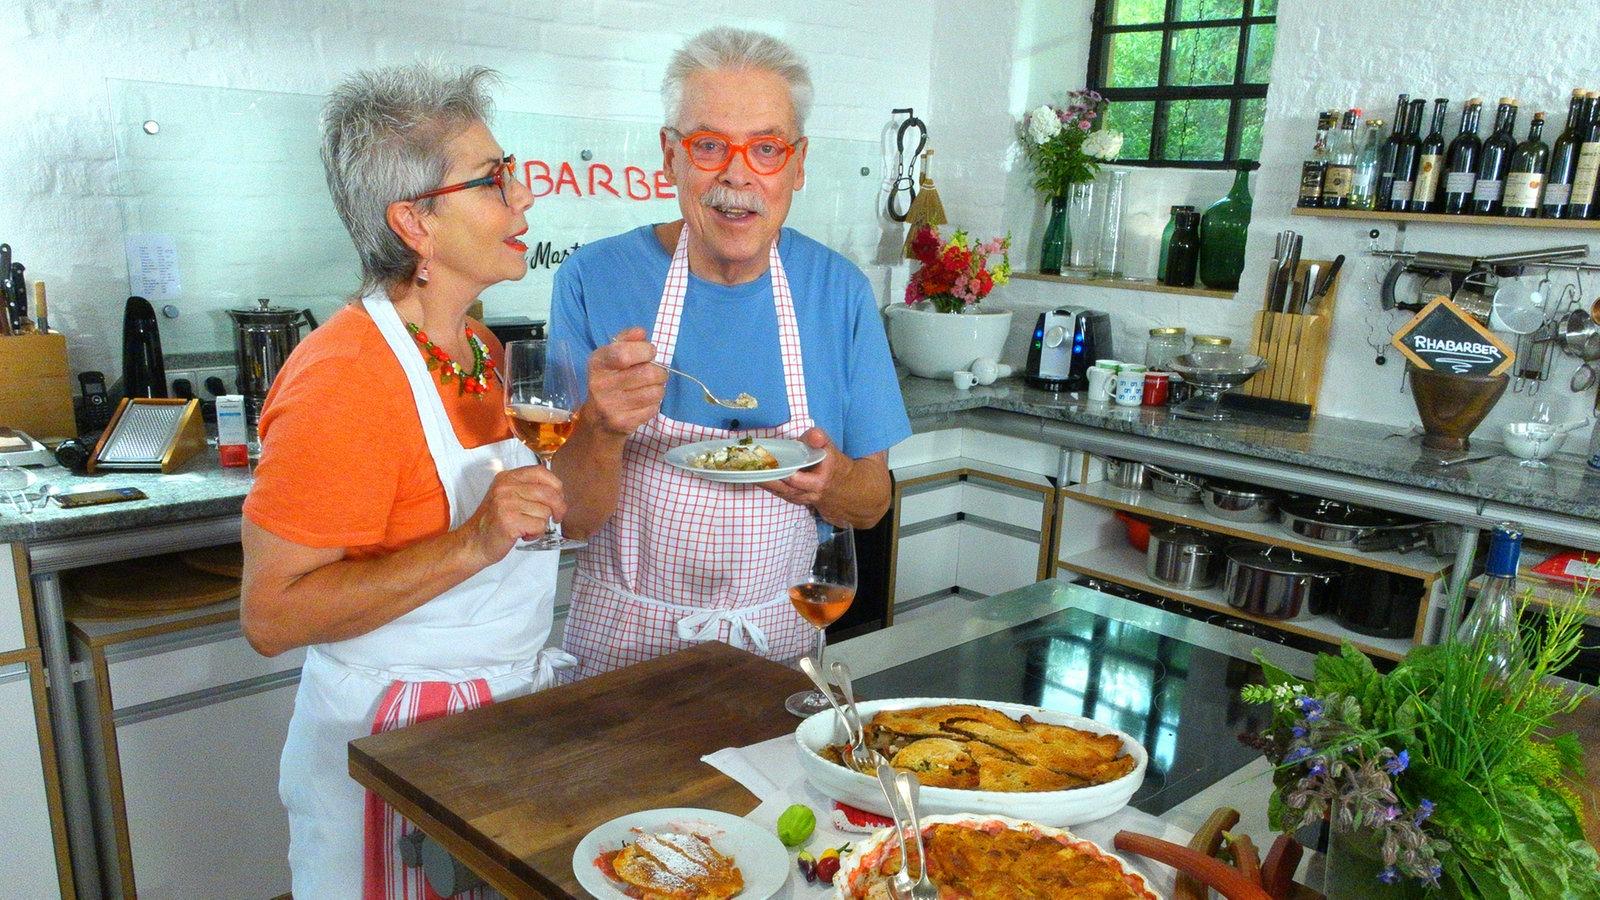 Fabelhaft Rhabarber: Das Obst, das eigentlich ein Gemüse ist - Martina &KR_97